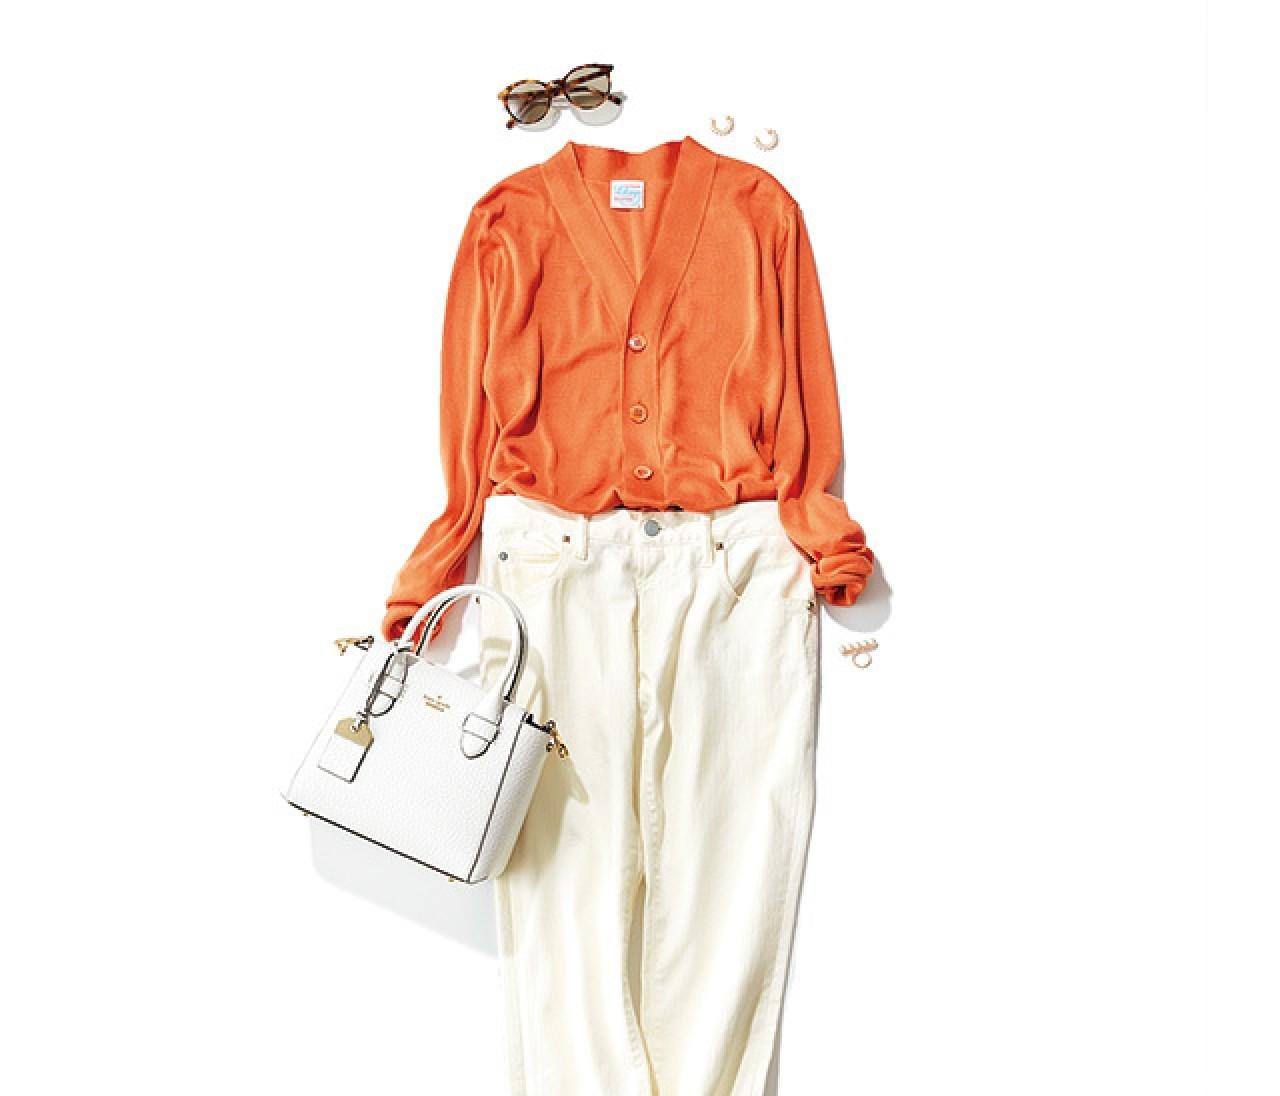 好感度もデキるっぽさも欲しい日は、オレンジ×白のパンツコーデで!【2018/6/8のコーデ】